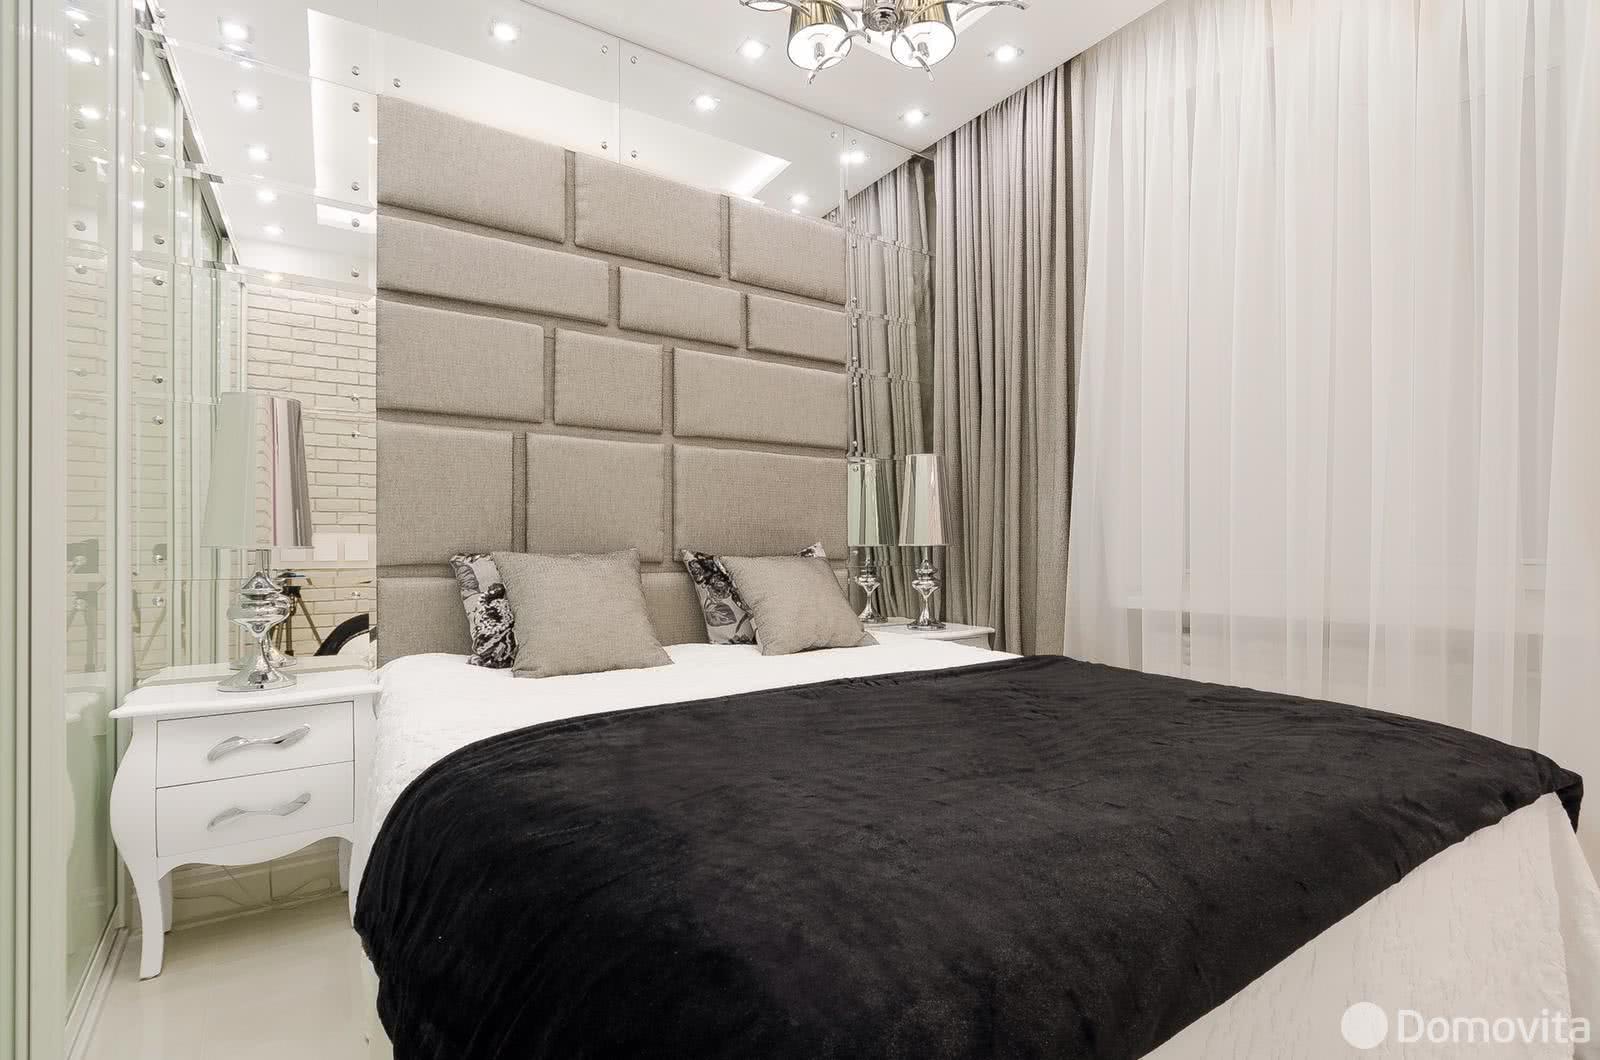 Аренда 2-комнатной квартиры на сутки в Минске ул. Ленина, д. 11 - фото 2